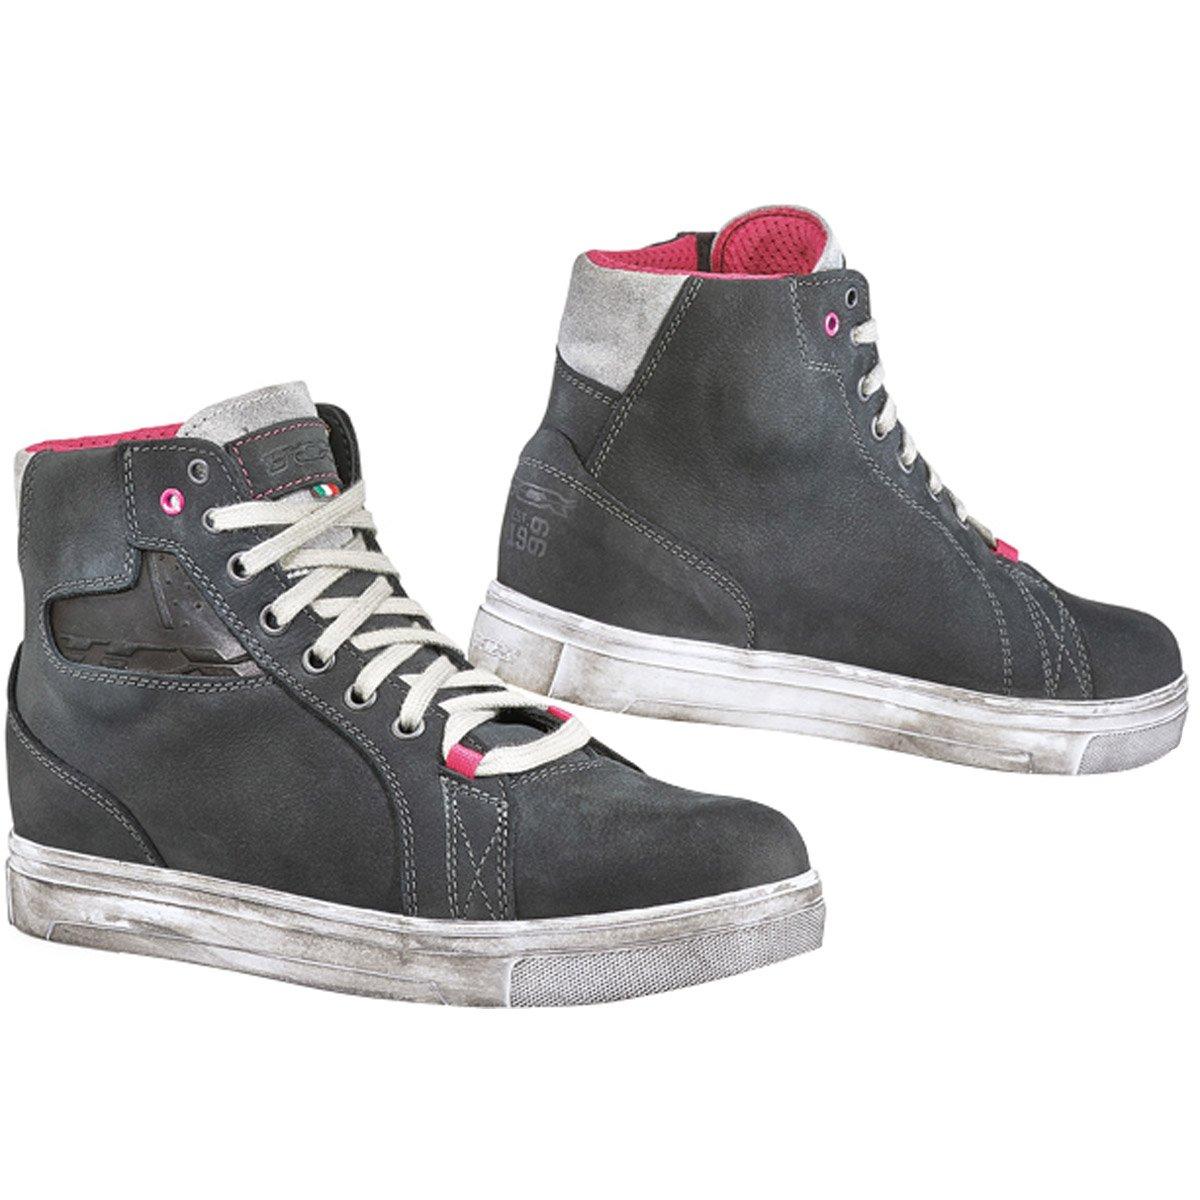 TCX Street Ace Lady Waterproof Women's Street Motorcycle Shoes - Dark Grey / 39 426-16339